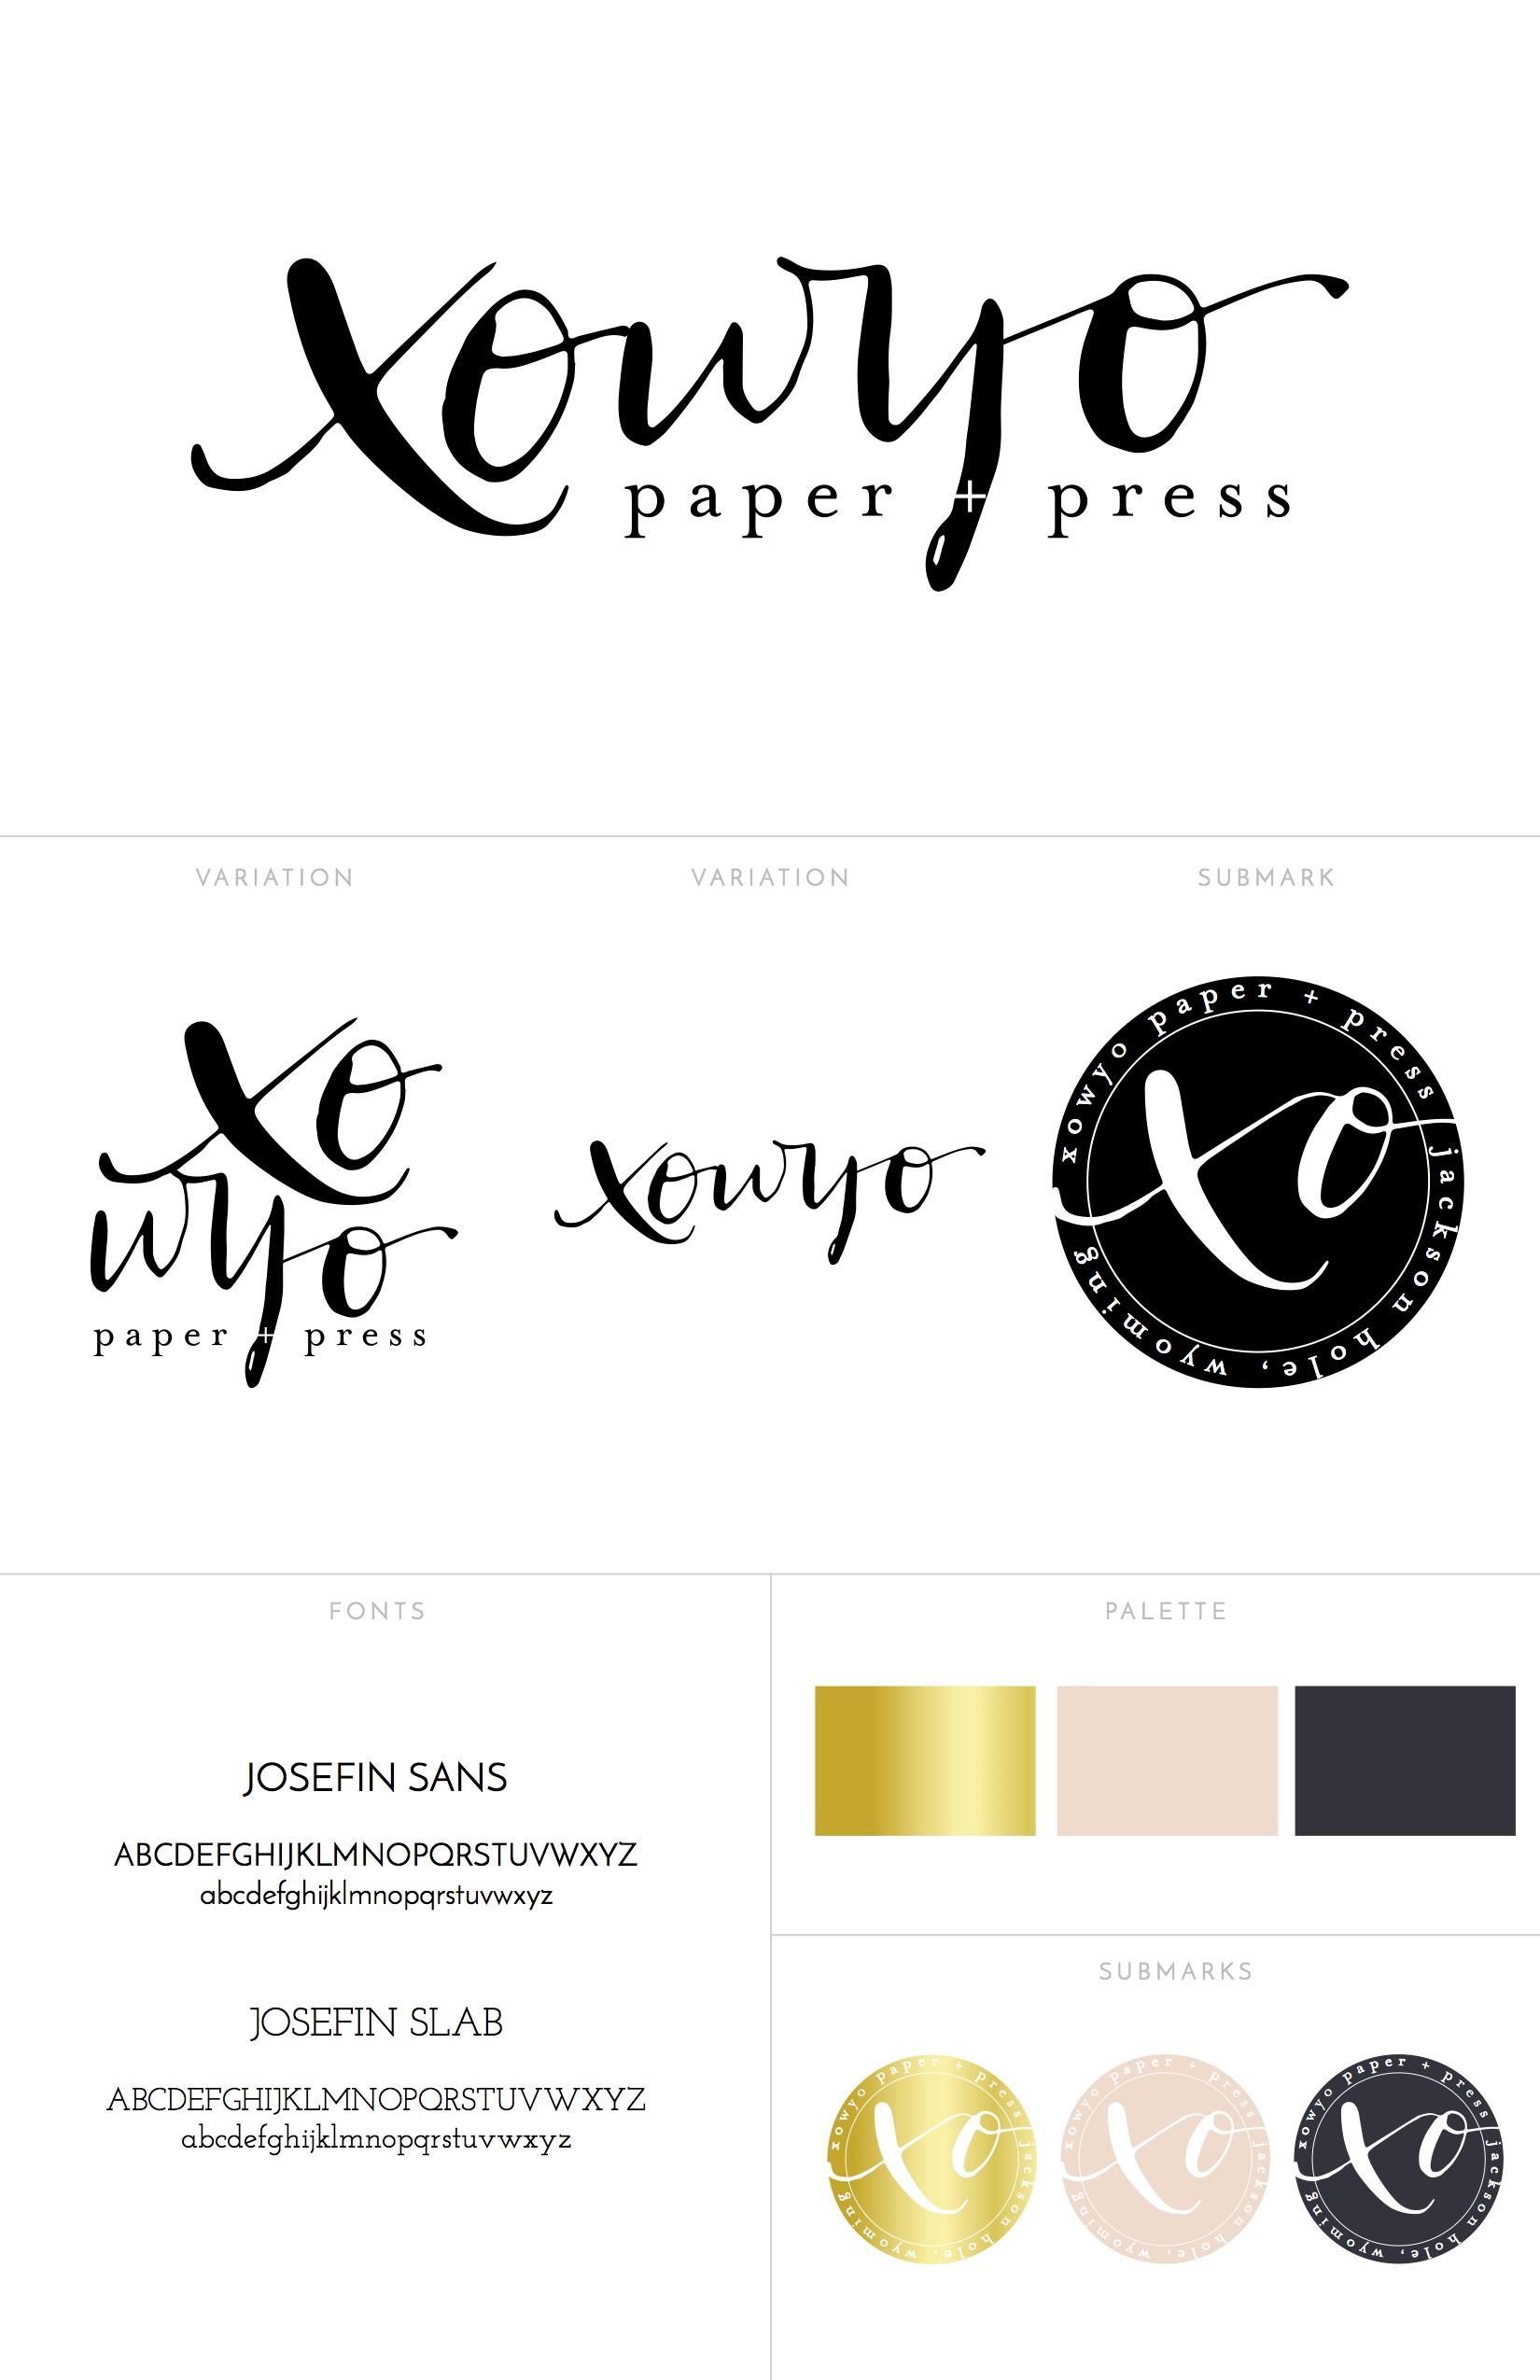 xowyo_branding.jpg